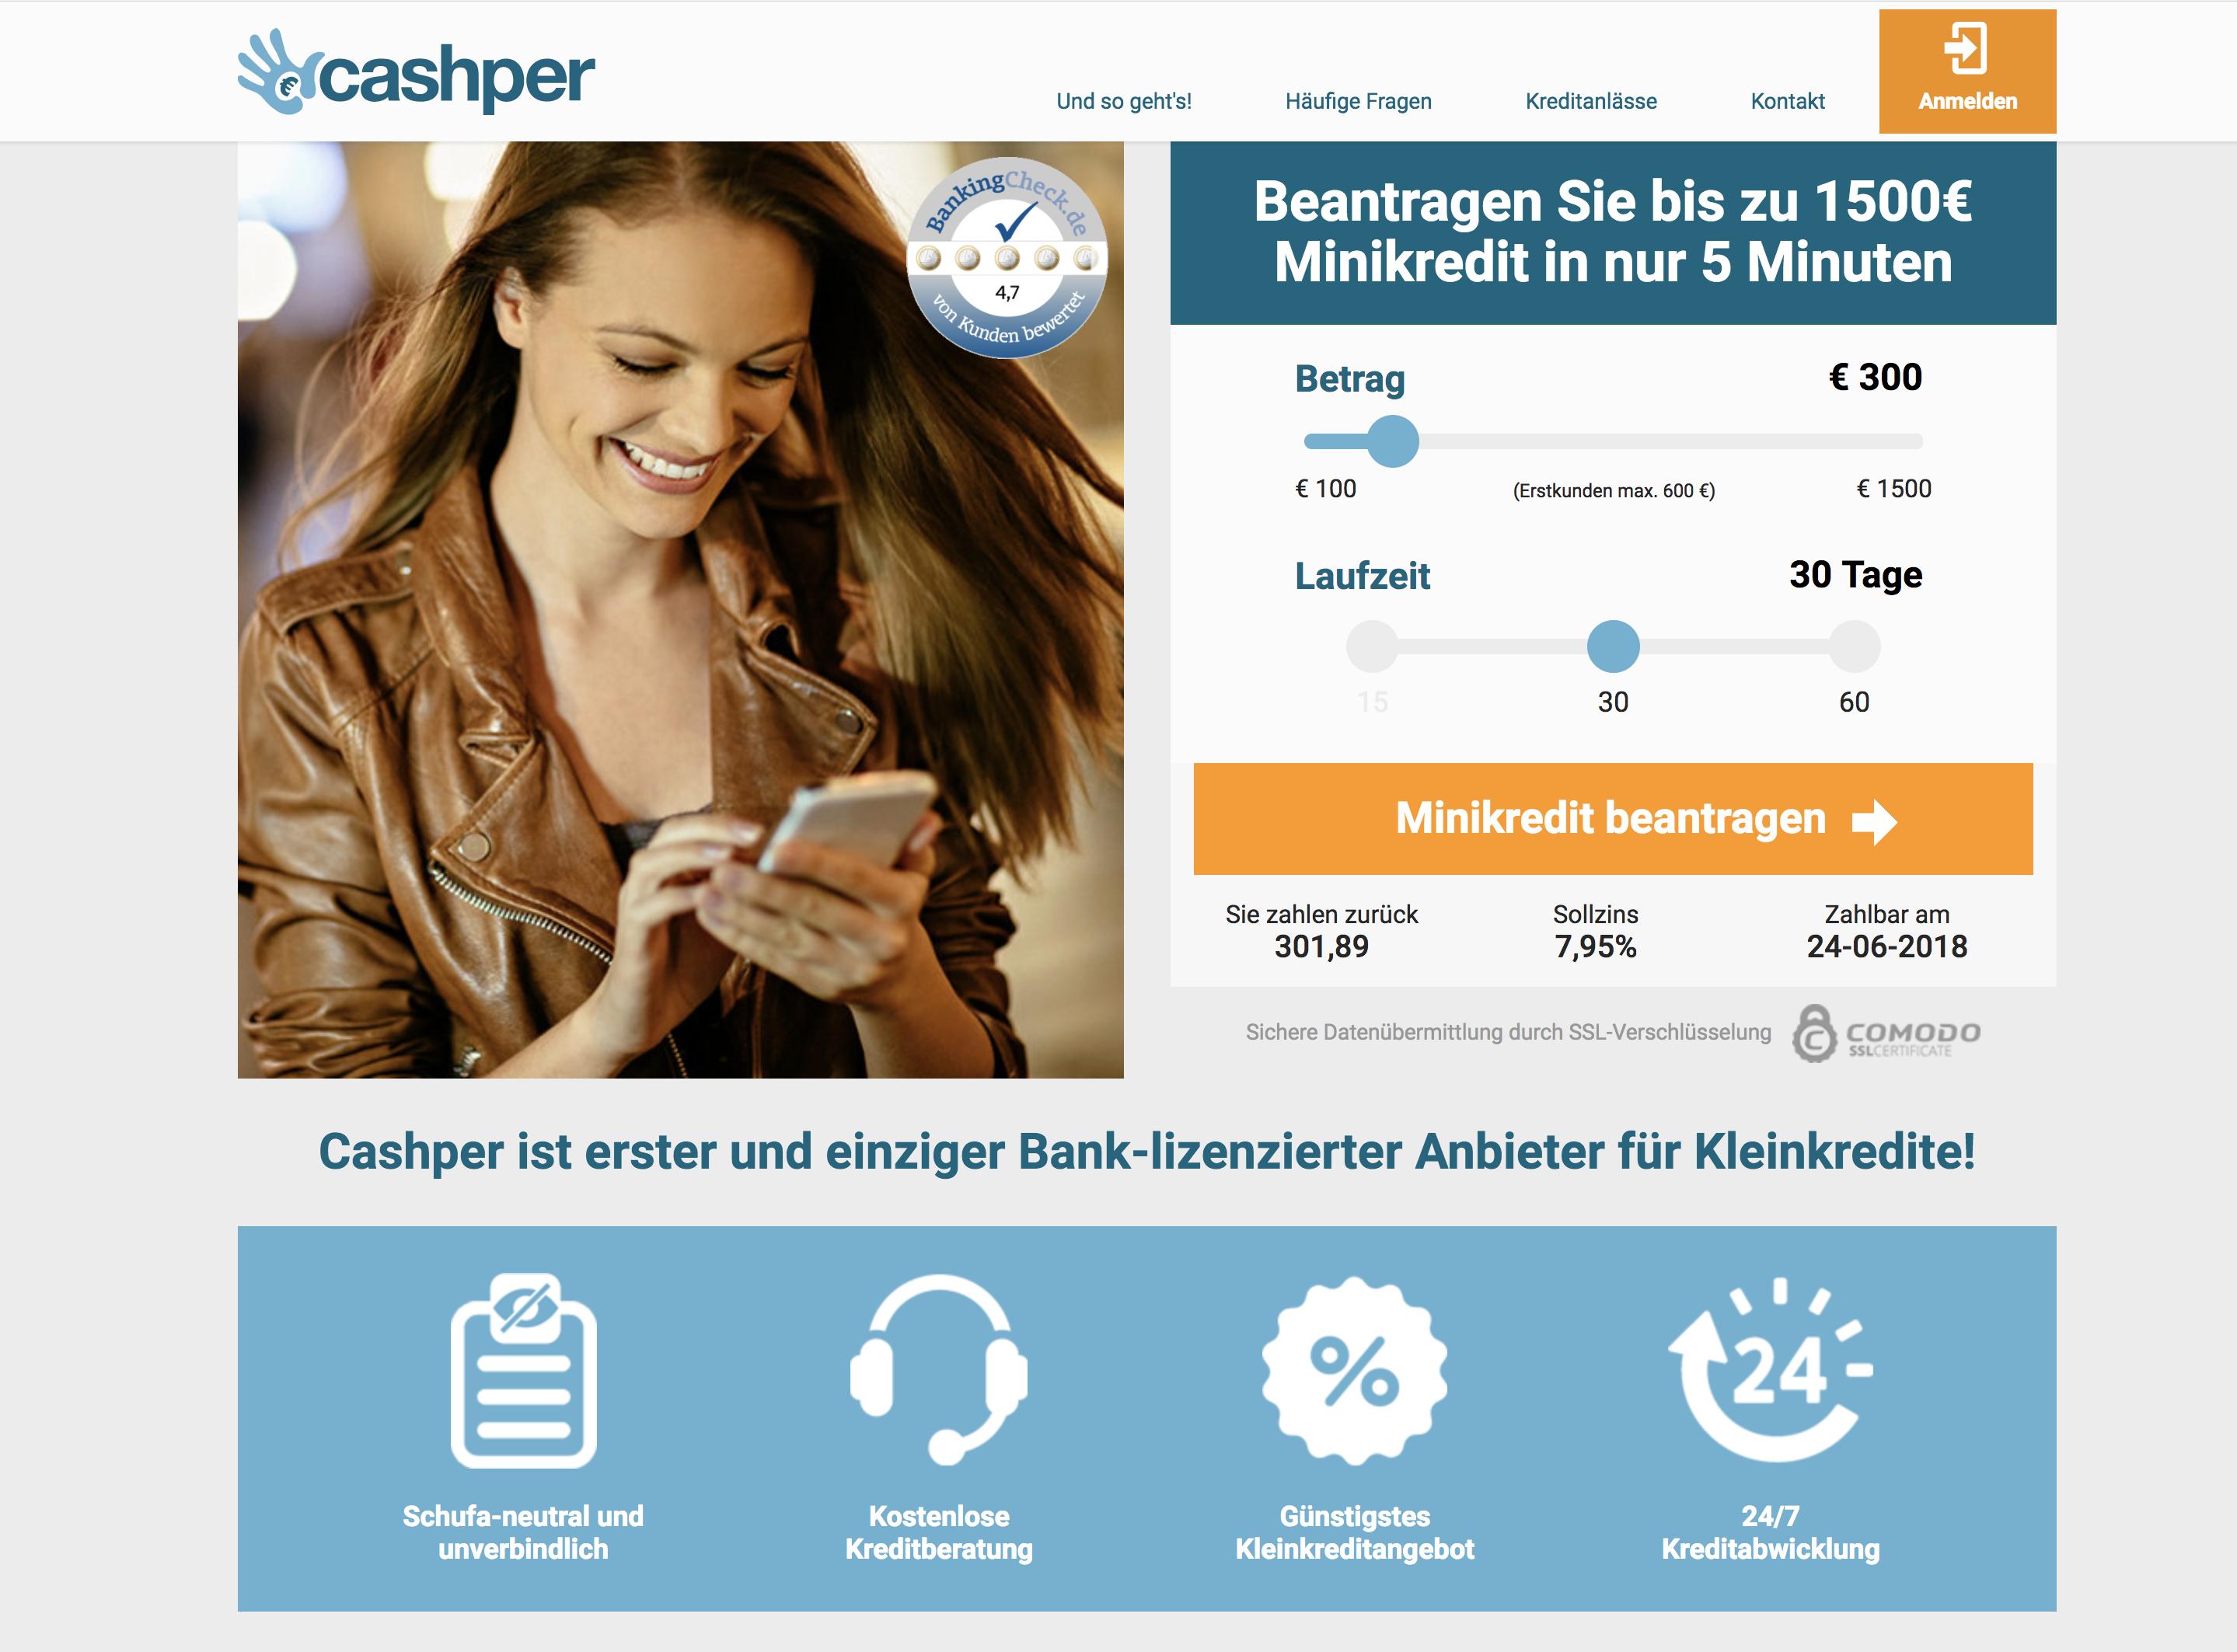 cashper webseite